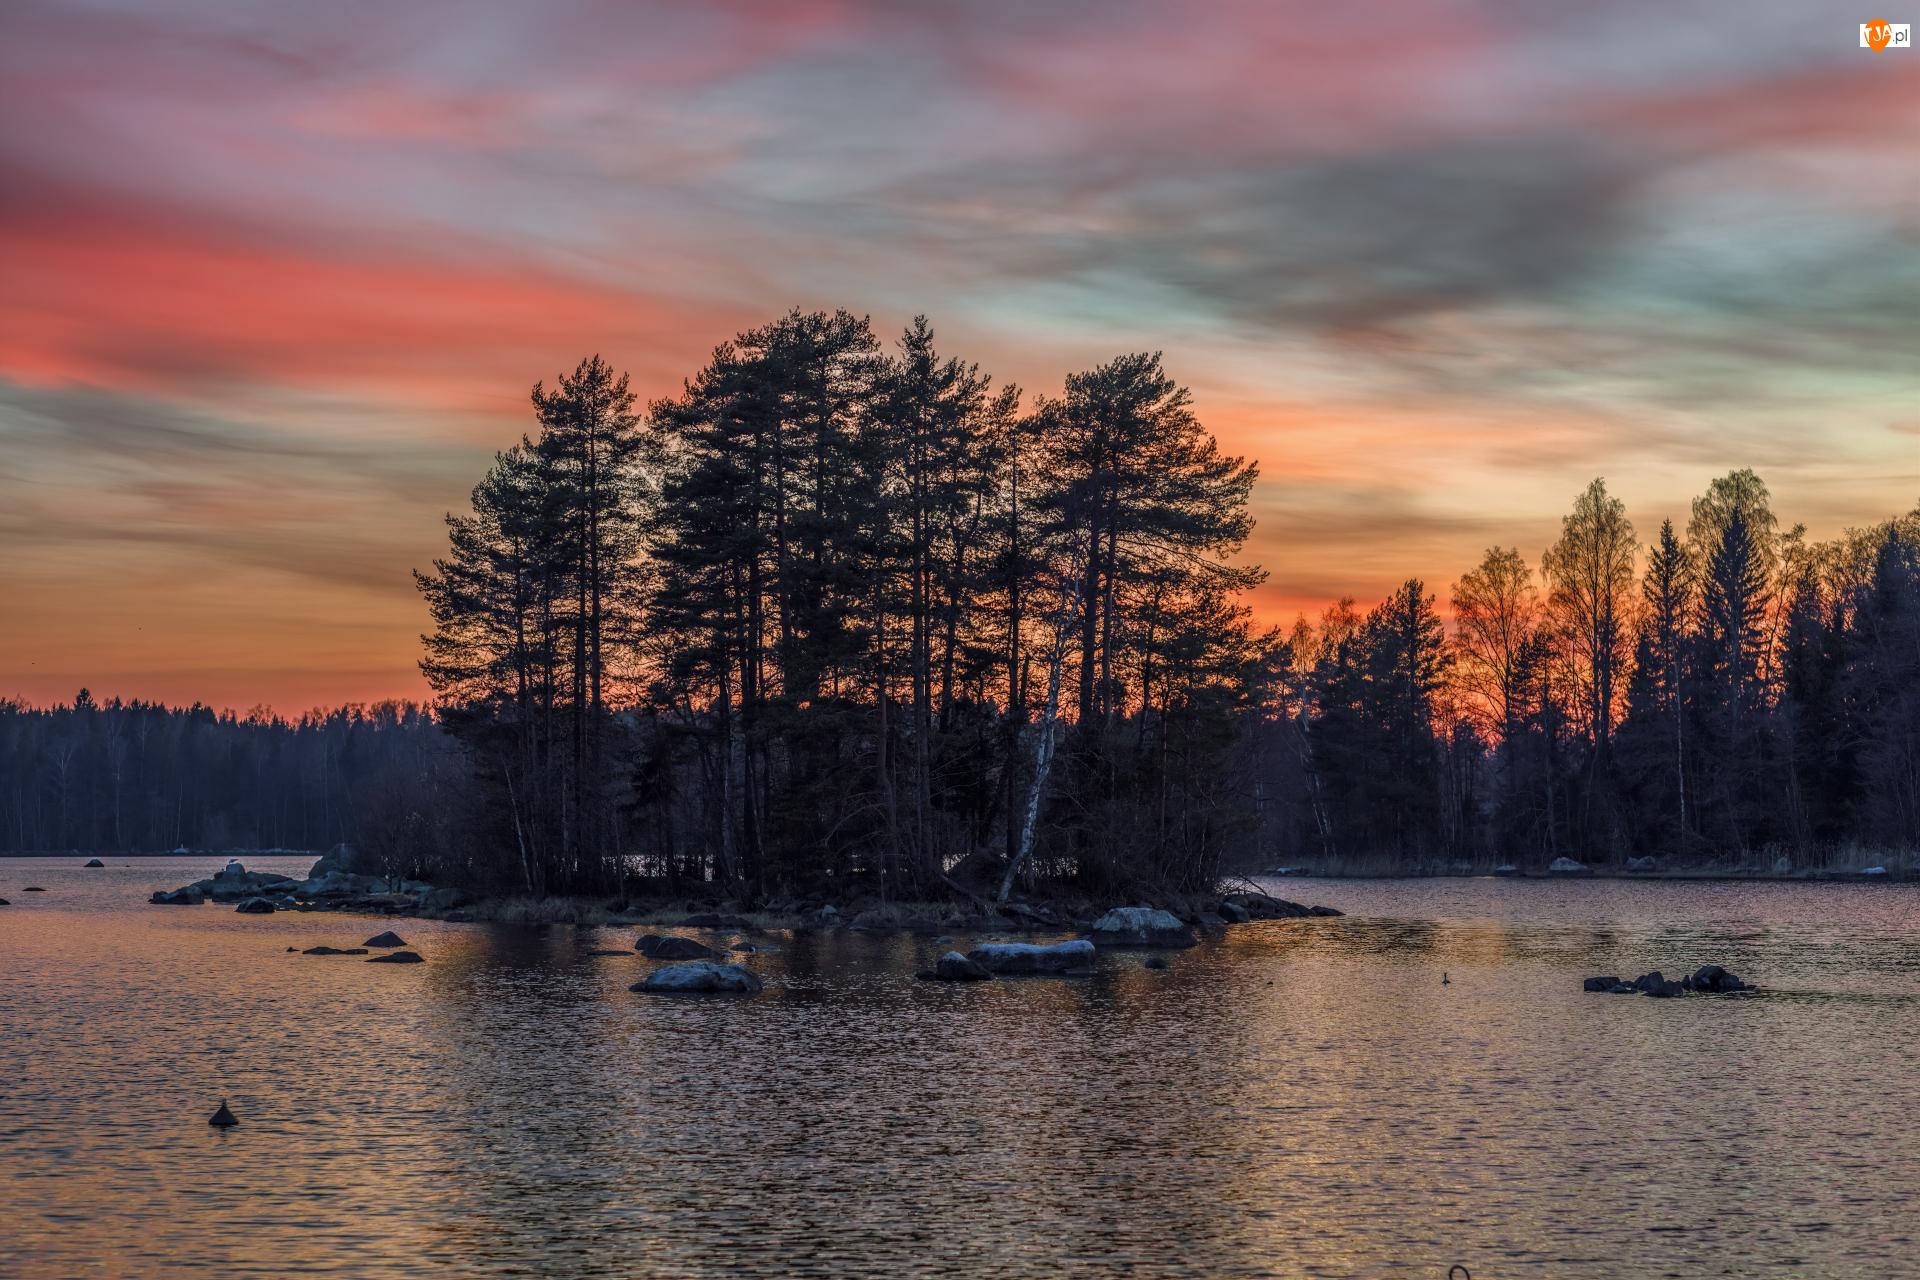 Drzewa, Zachód słońca, Rzeka, Brzeg